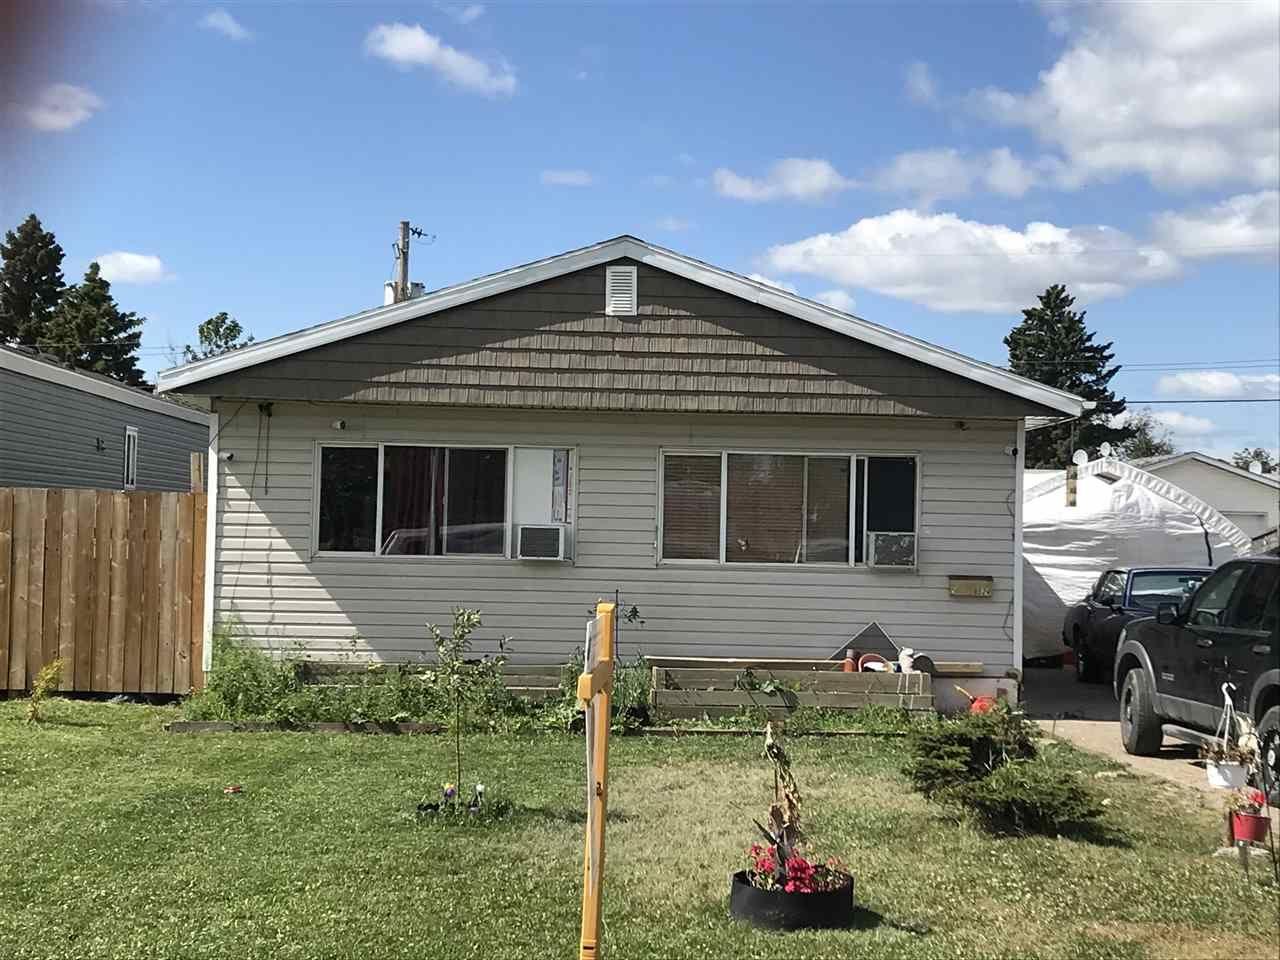 Main Photo: 8524 77 Street in Fort St. John: Fort St. John - City SE Manufactured Home for sale (Fort St. John (Zone 60))  : MLS®# R2486671